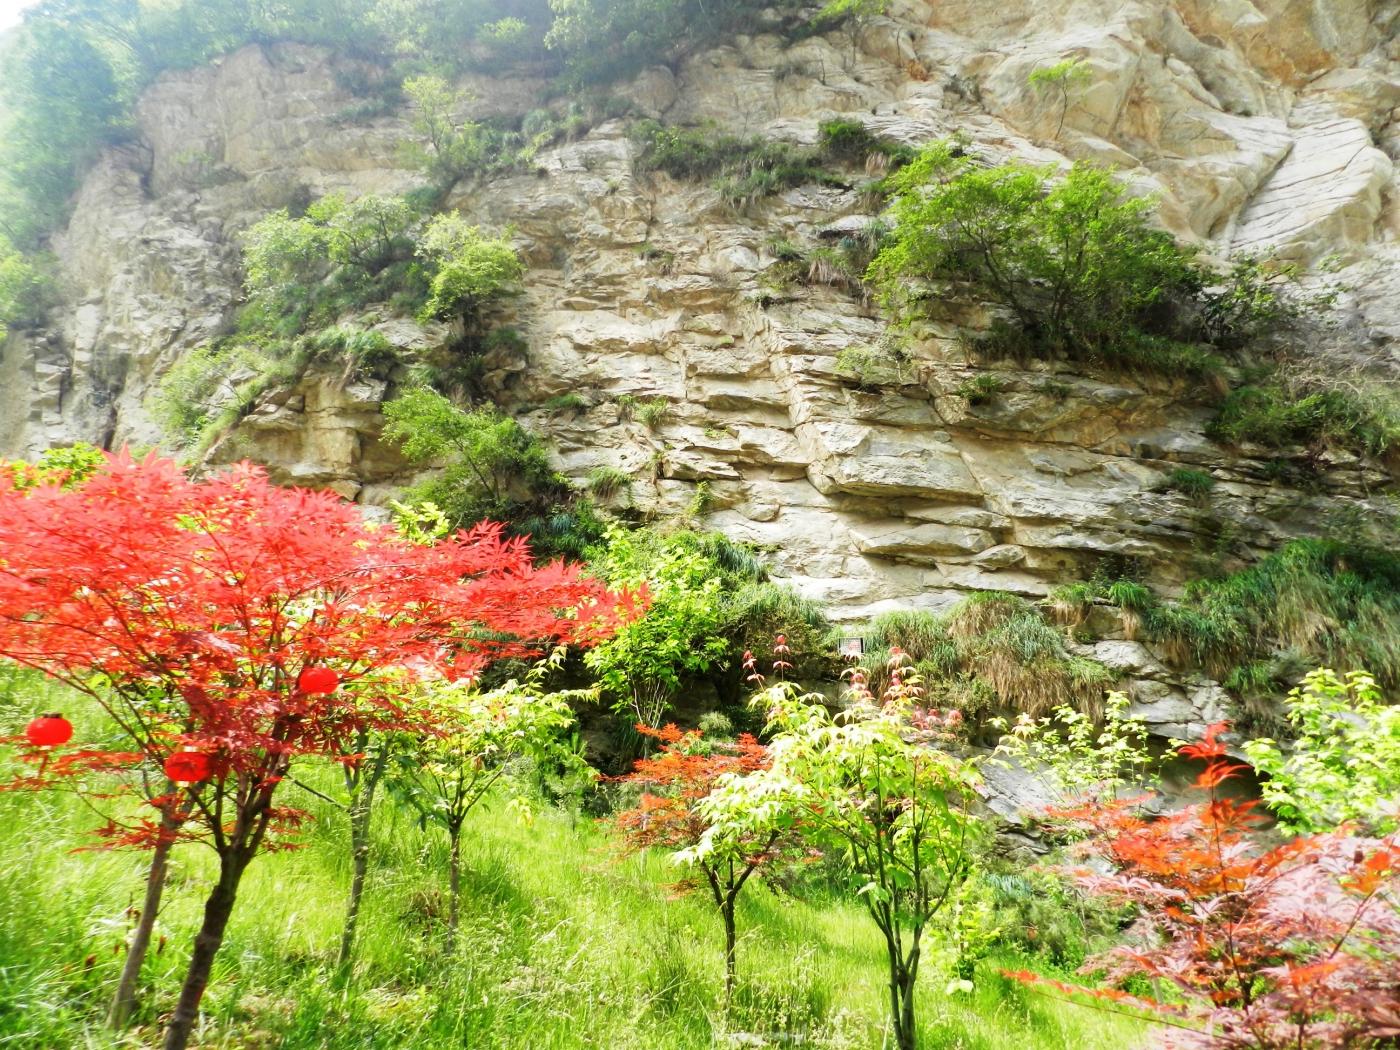 【汉良子】西岳华山之一(图)_图1-5